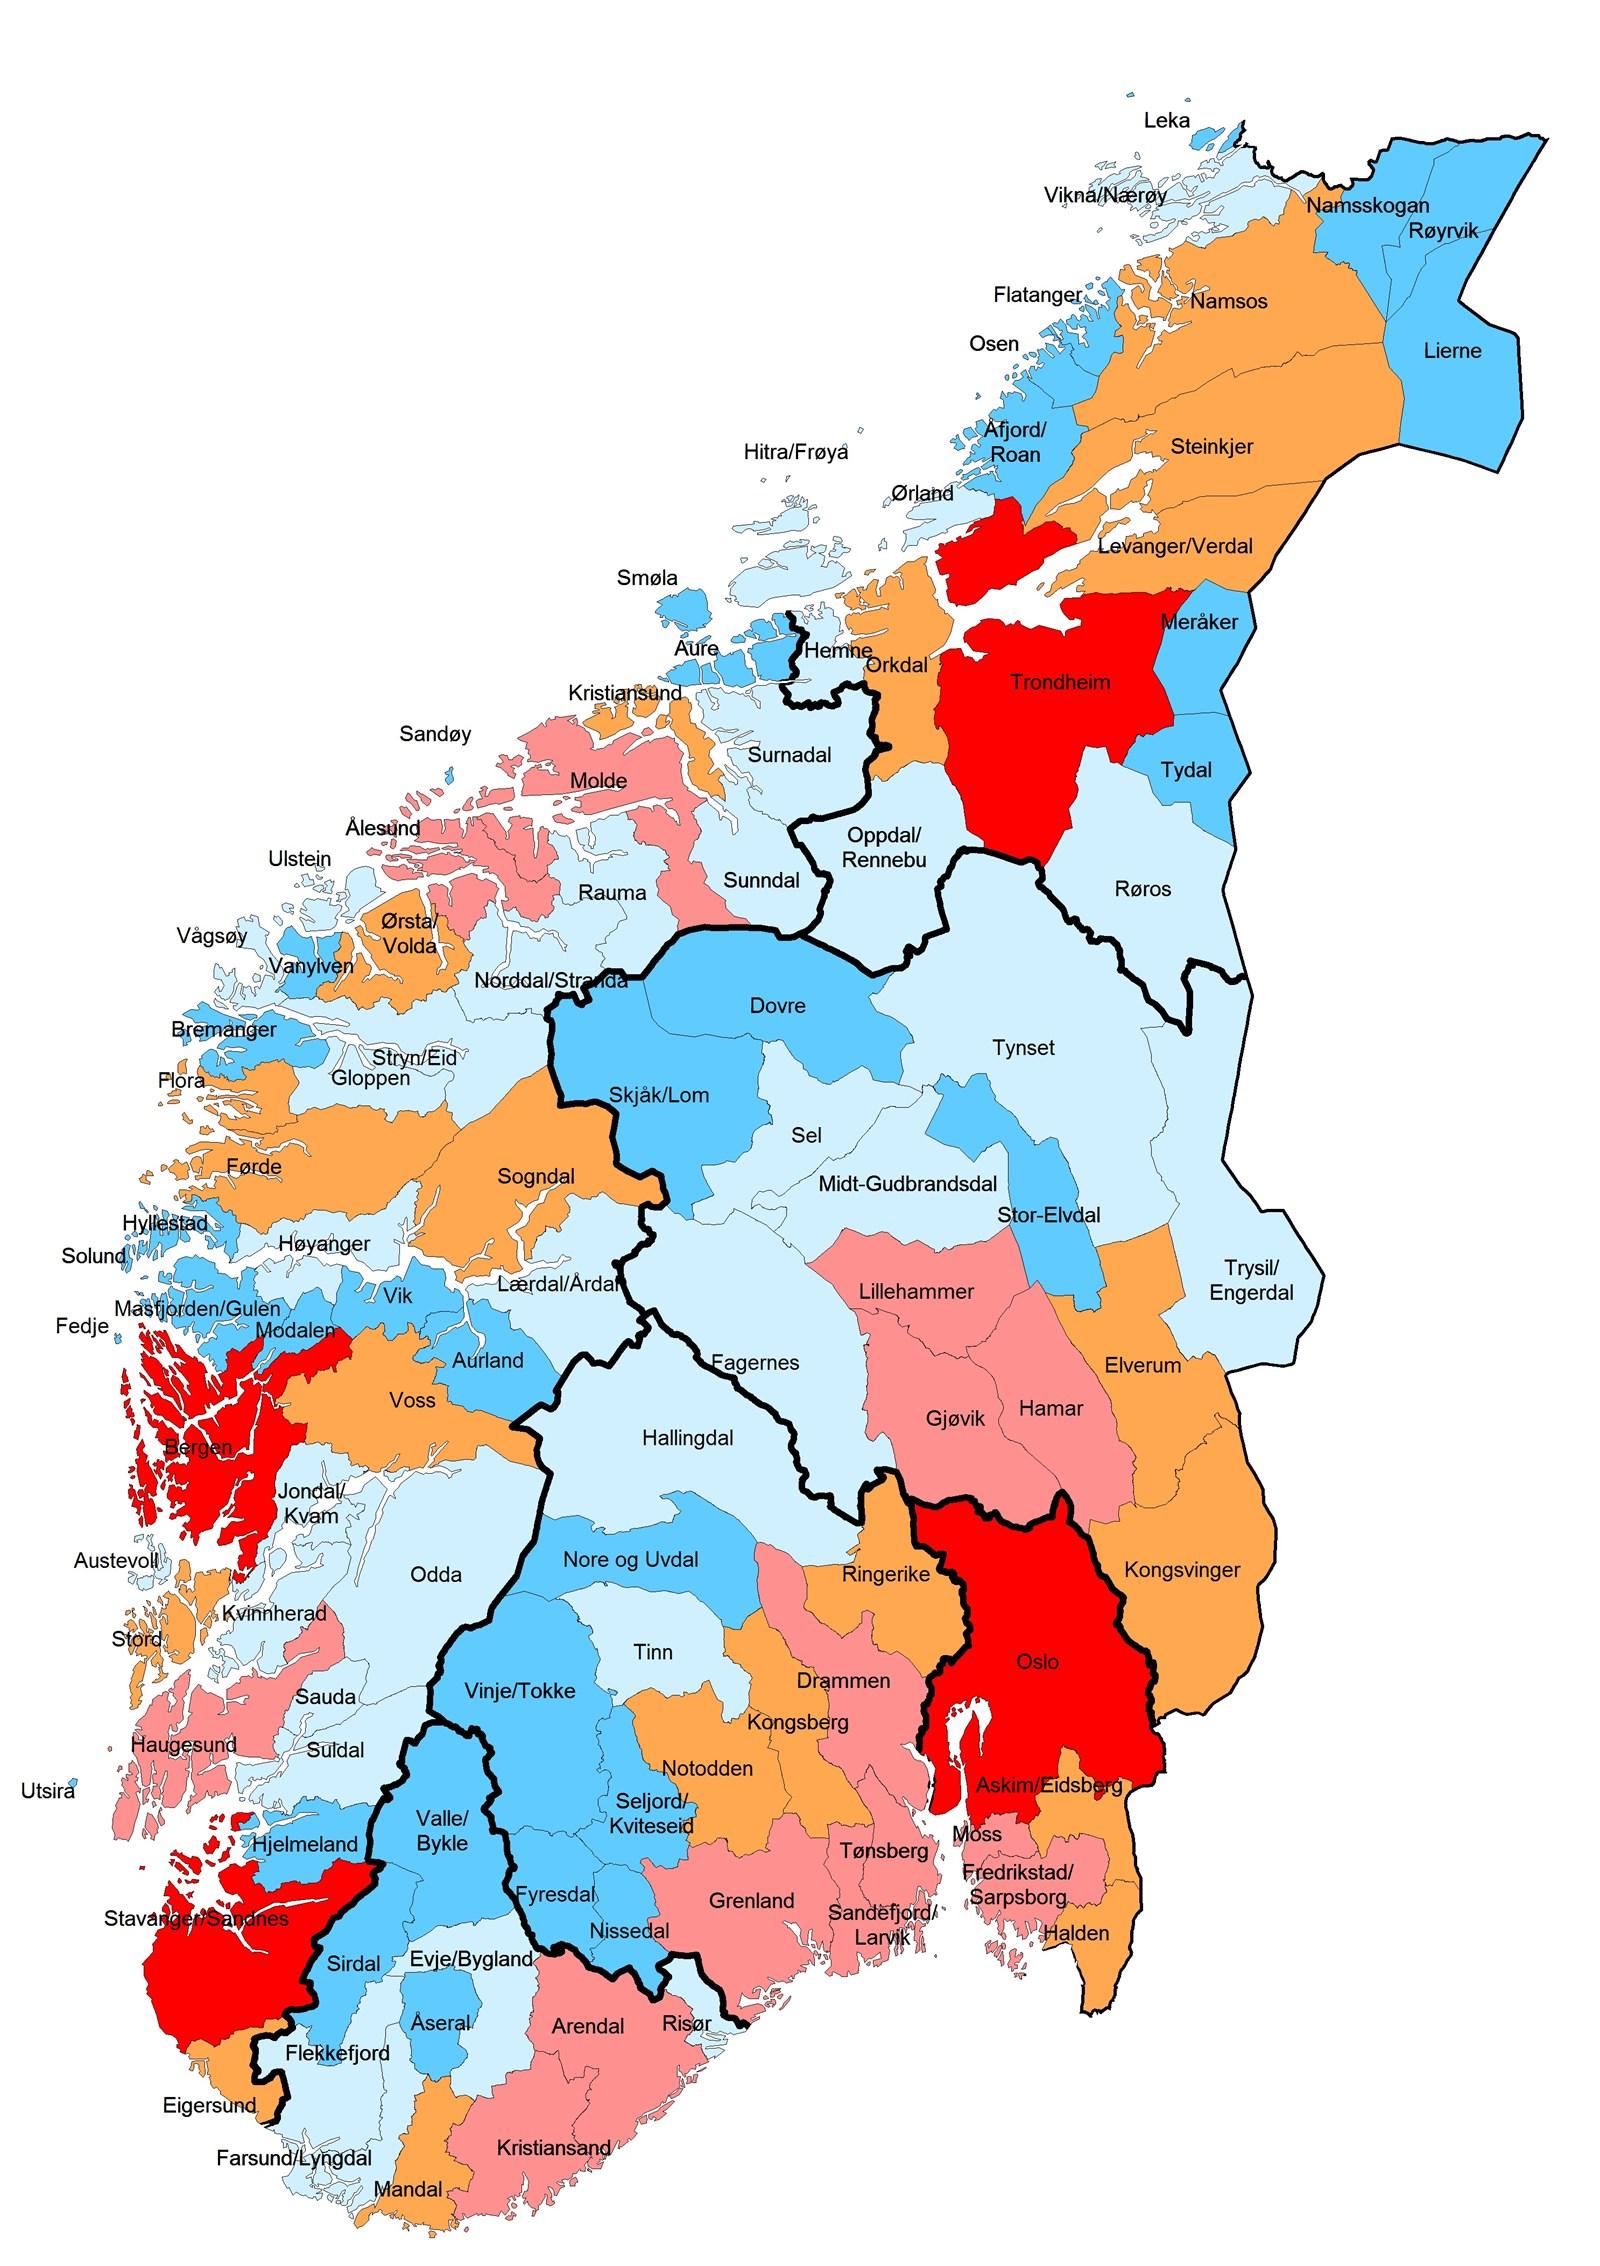 kommune kart over norge Regionale utviklingstrekk 2013 (RUT 2013)   regjeringen.no kommune kart over norge